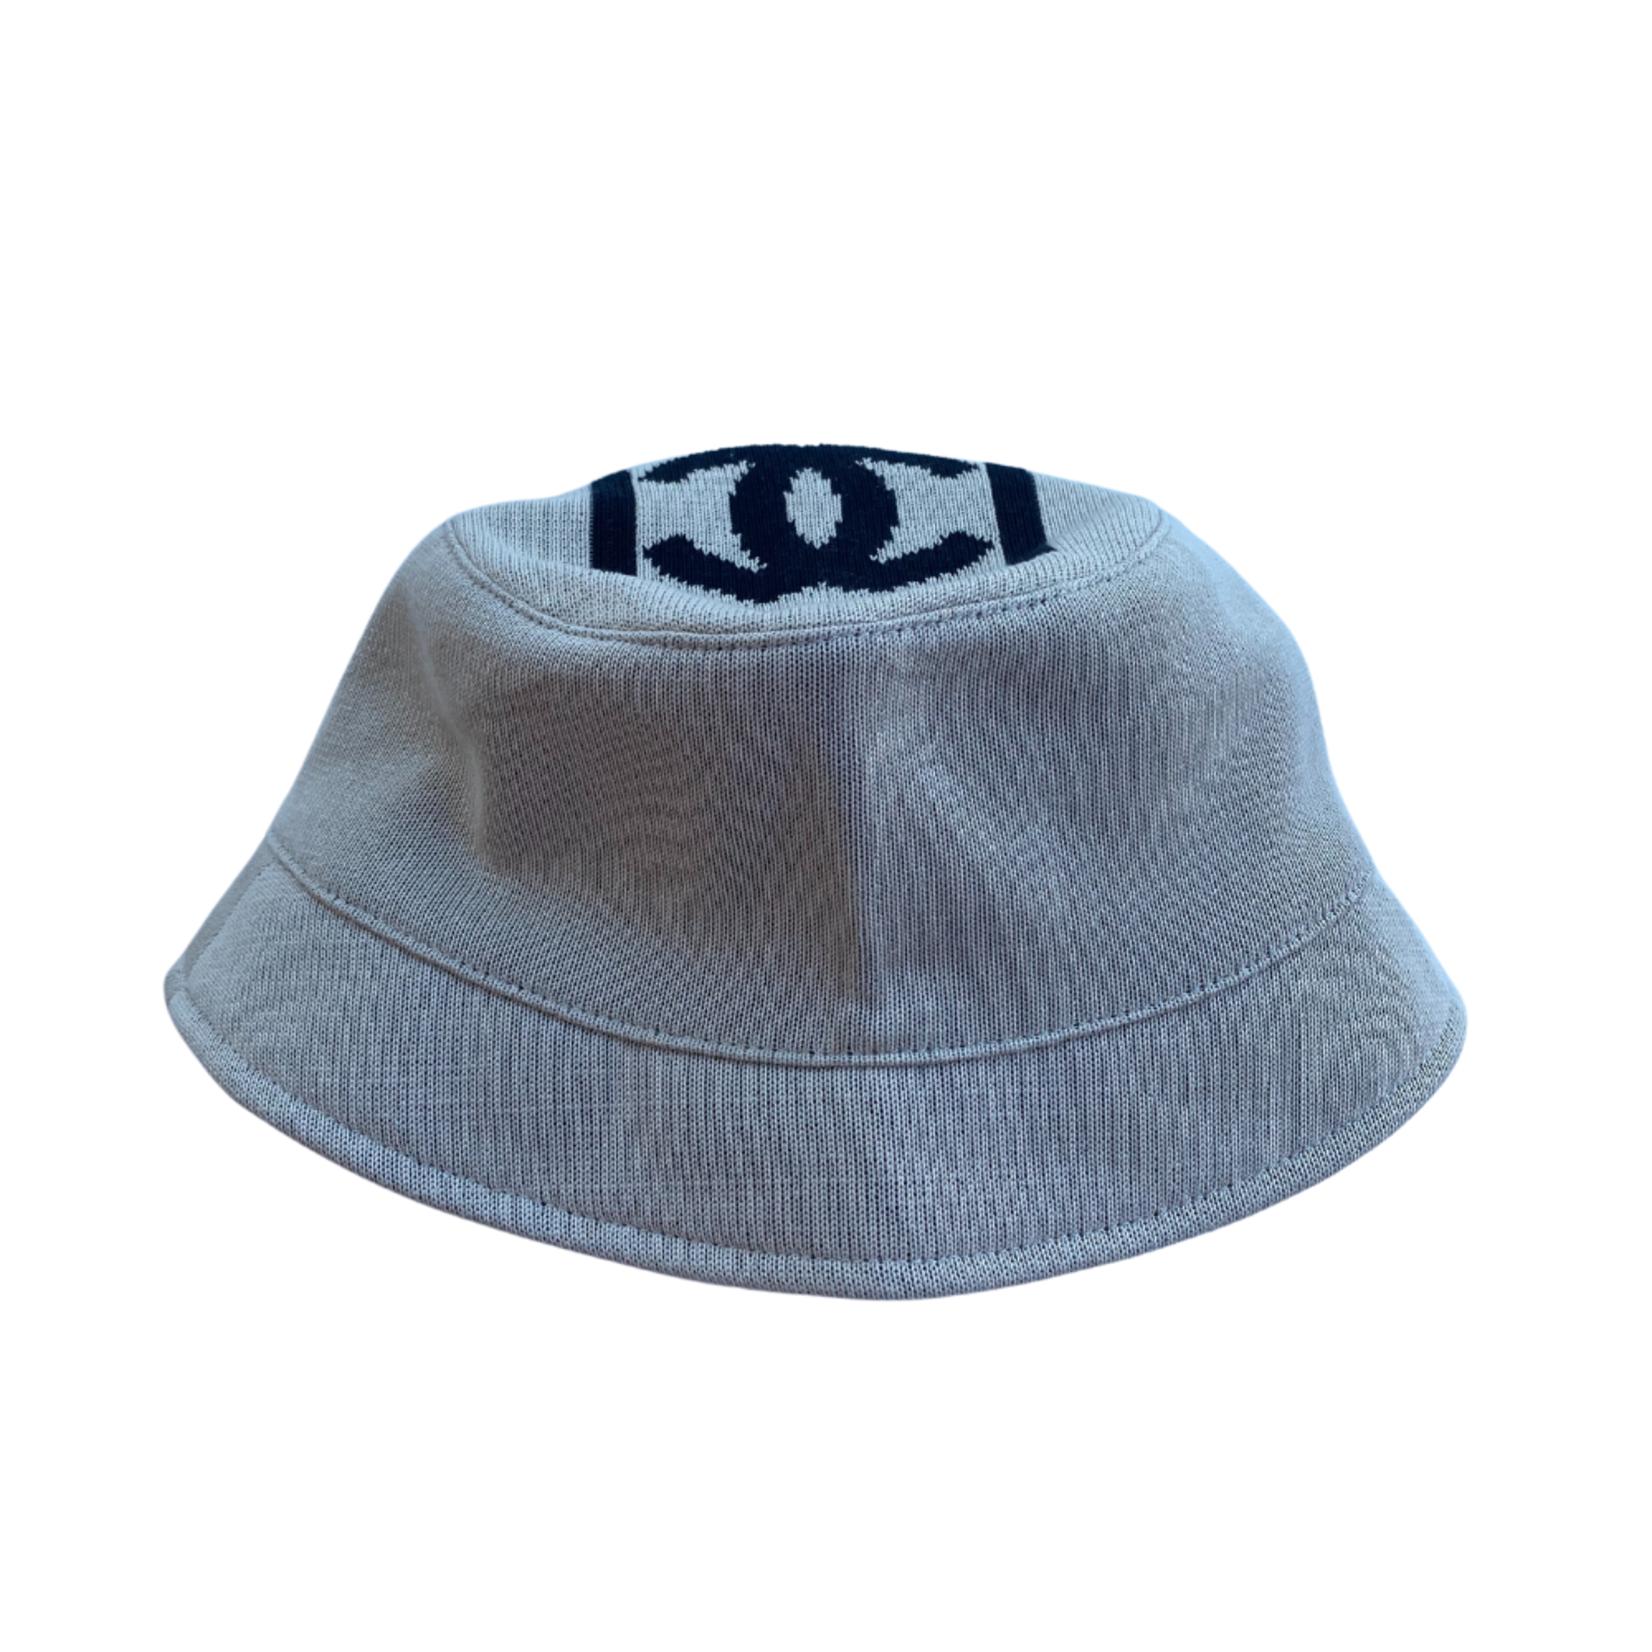 Wyld Blue Vintage Chanel CC Bucket Hat